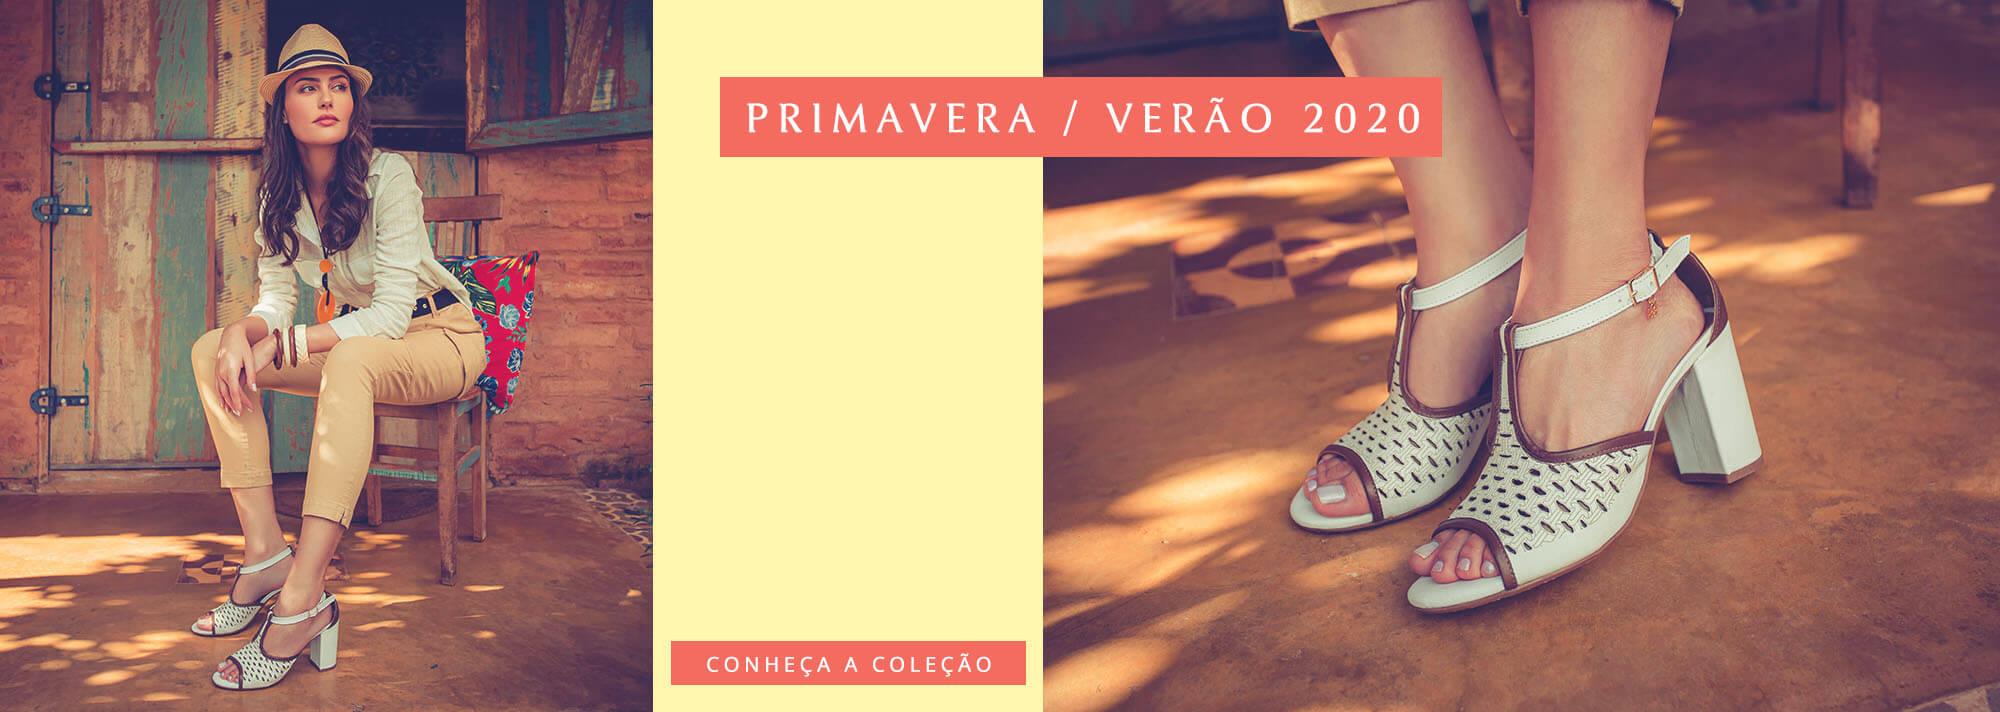 Full Banner - Verão 2020 - Coleção